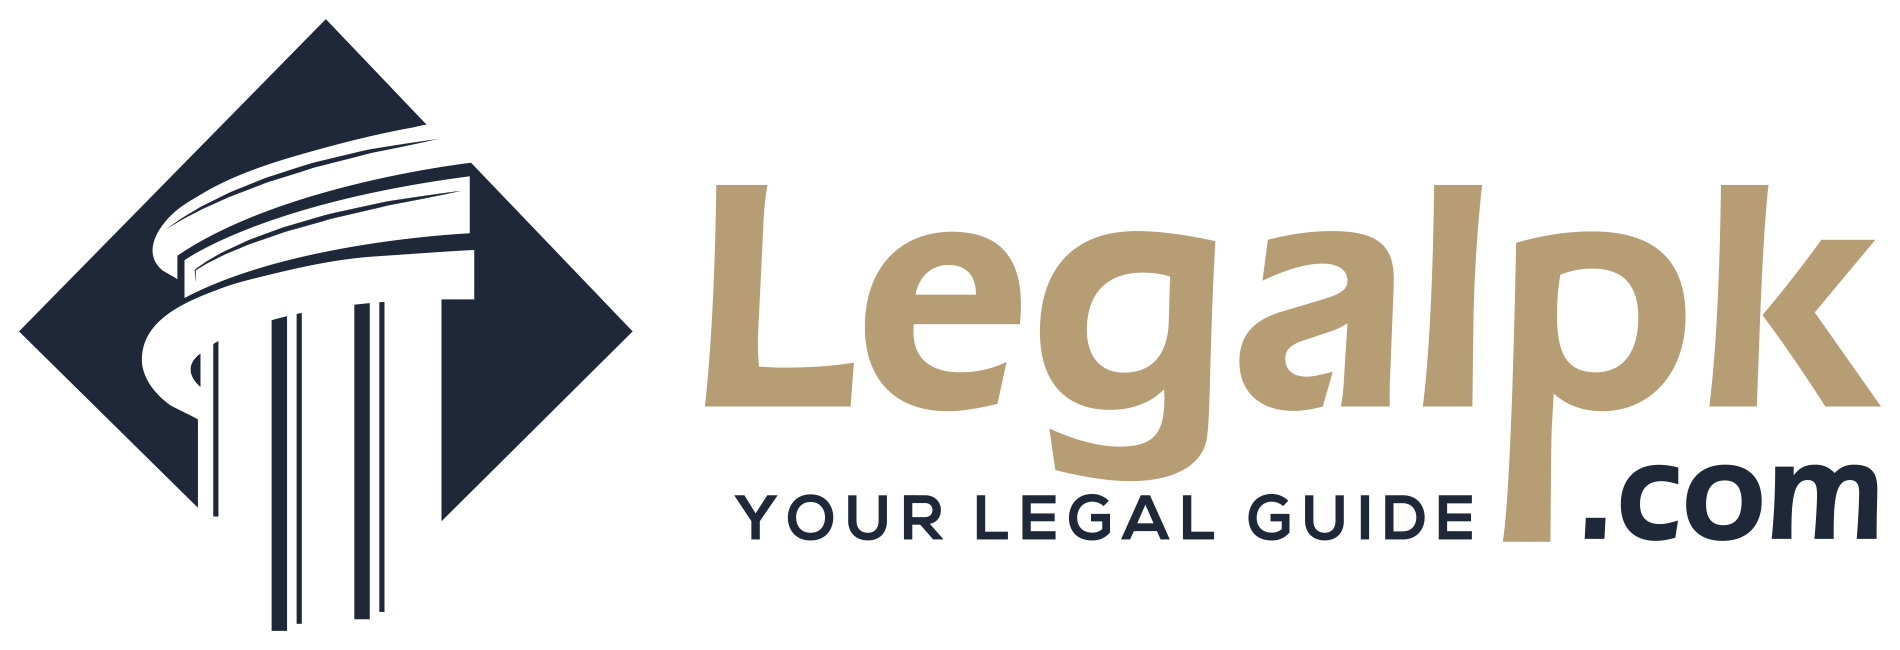 LegalPK.com